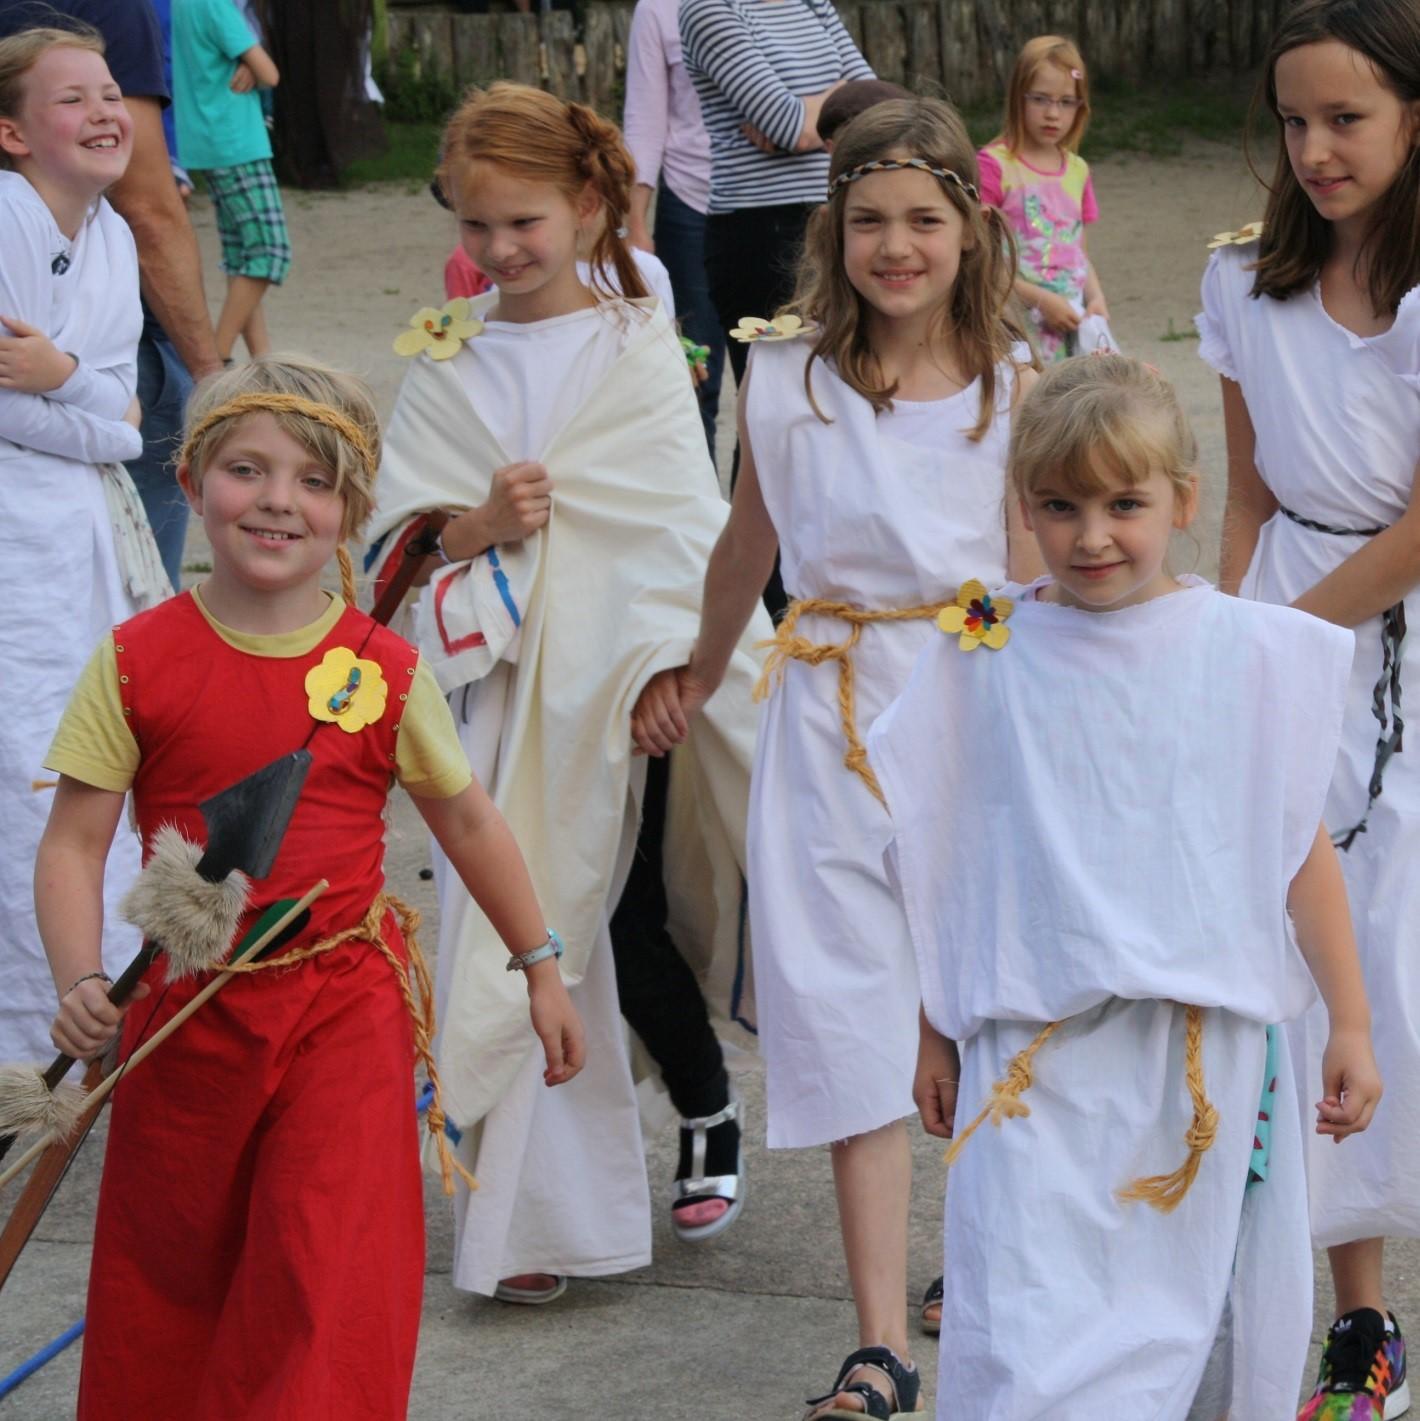 Antikes Sommerfest